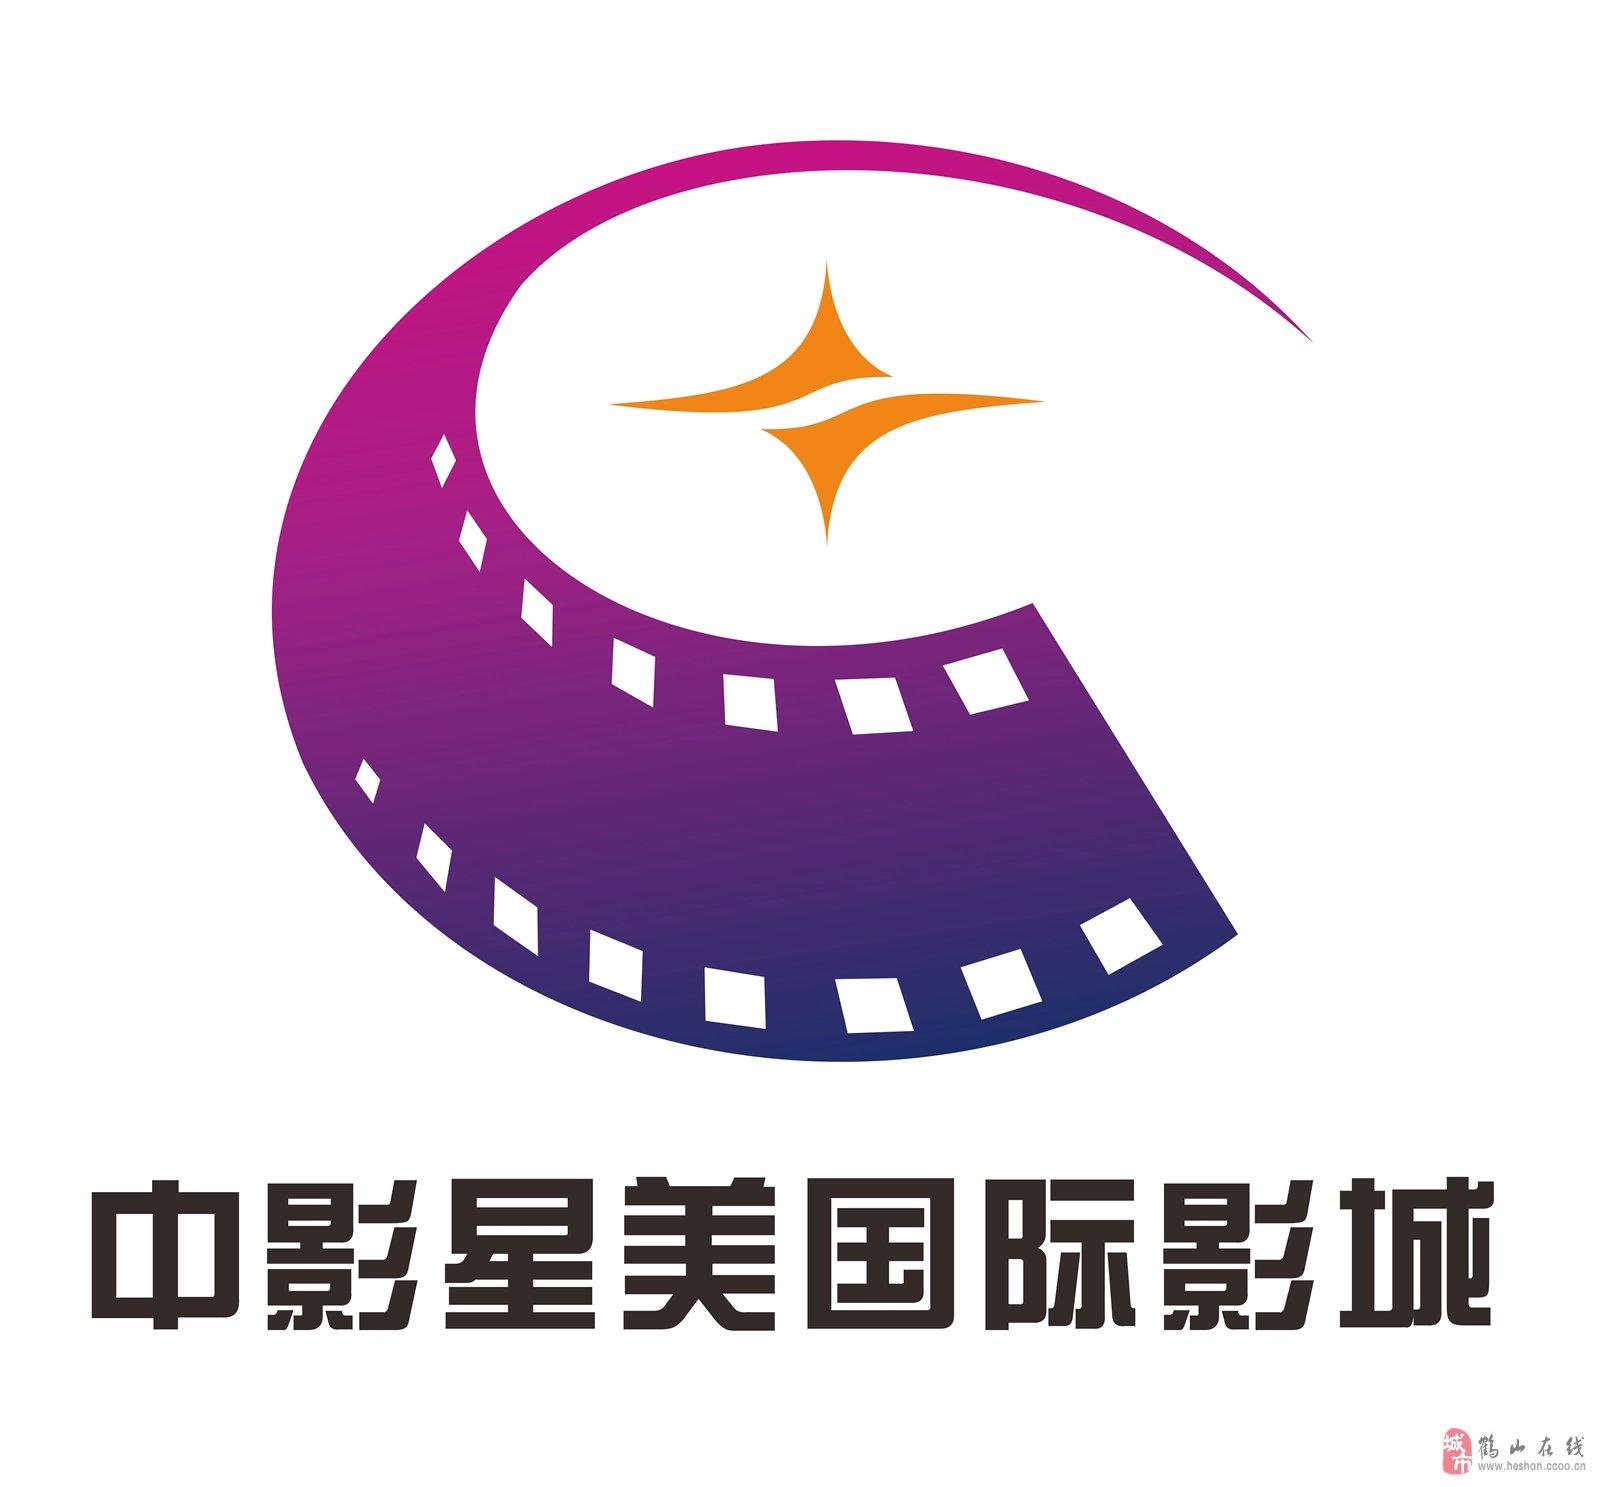 中影星美国际影城鹤山店招聘全职服务员